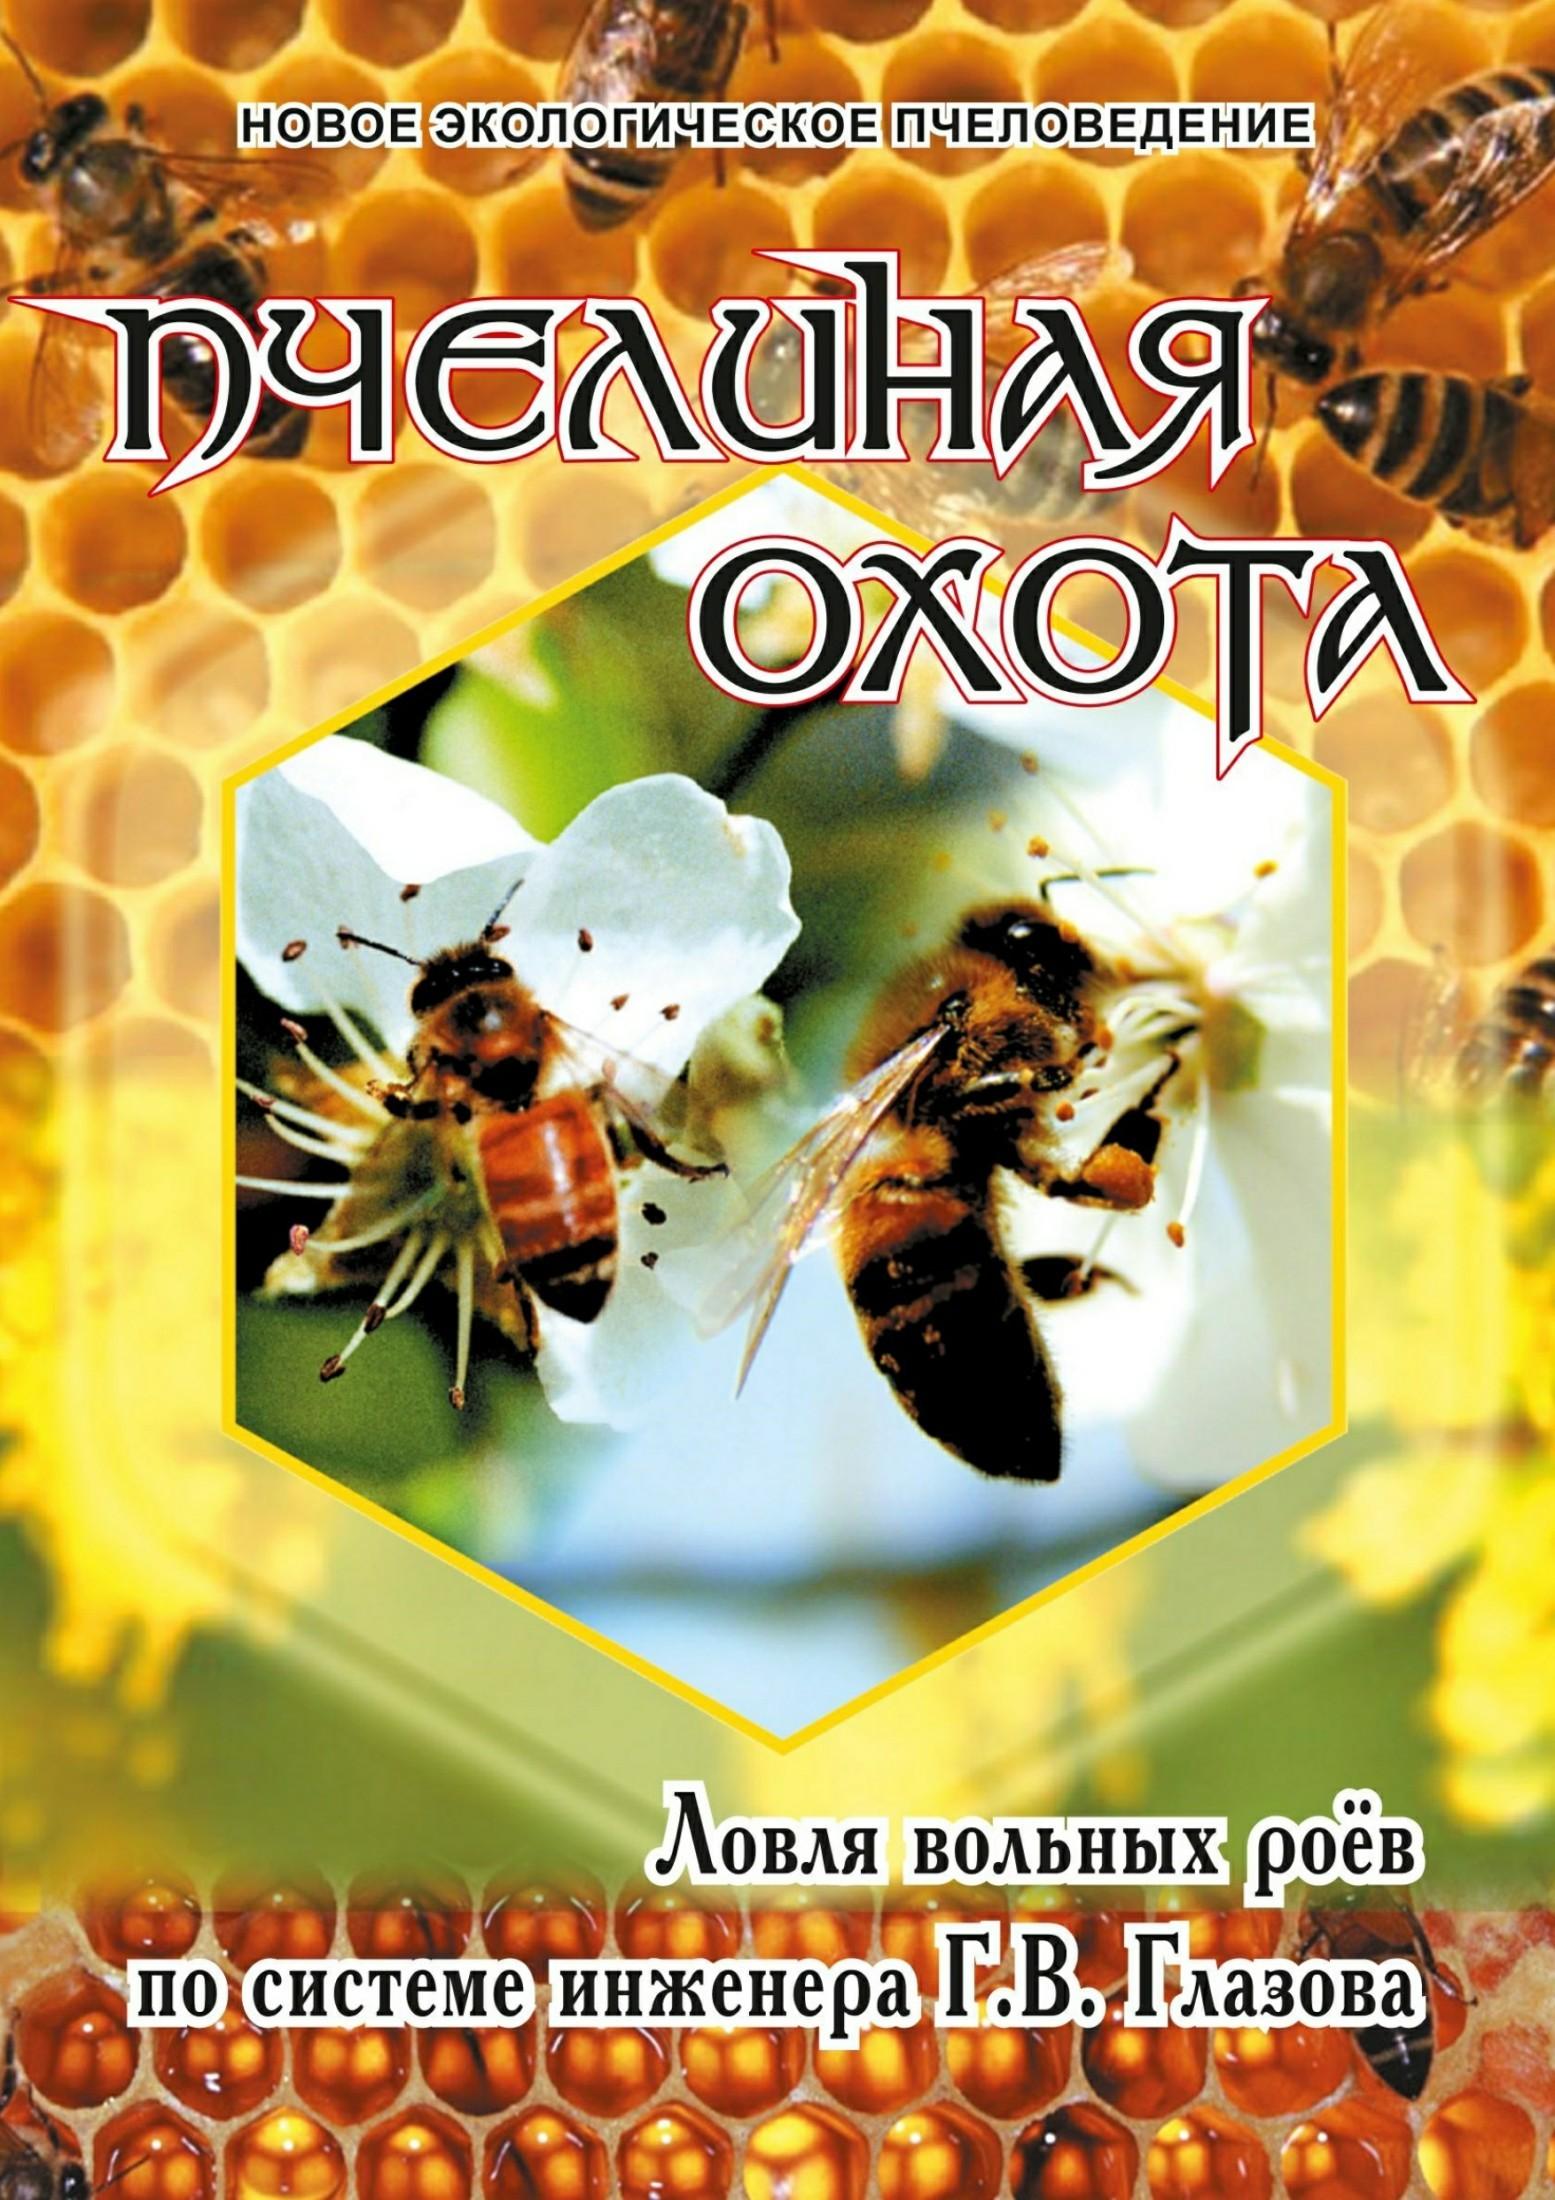 Геннадий Глазов - Пчелиная охота. Ловля вольных роёв по системе инженера Г.В. Глазова